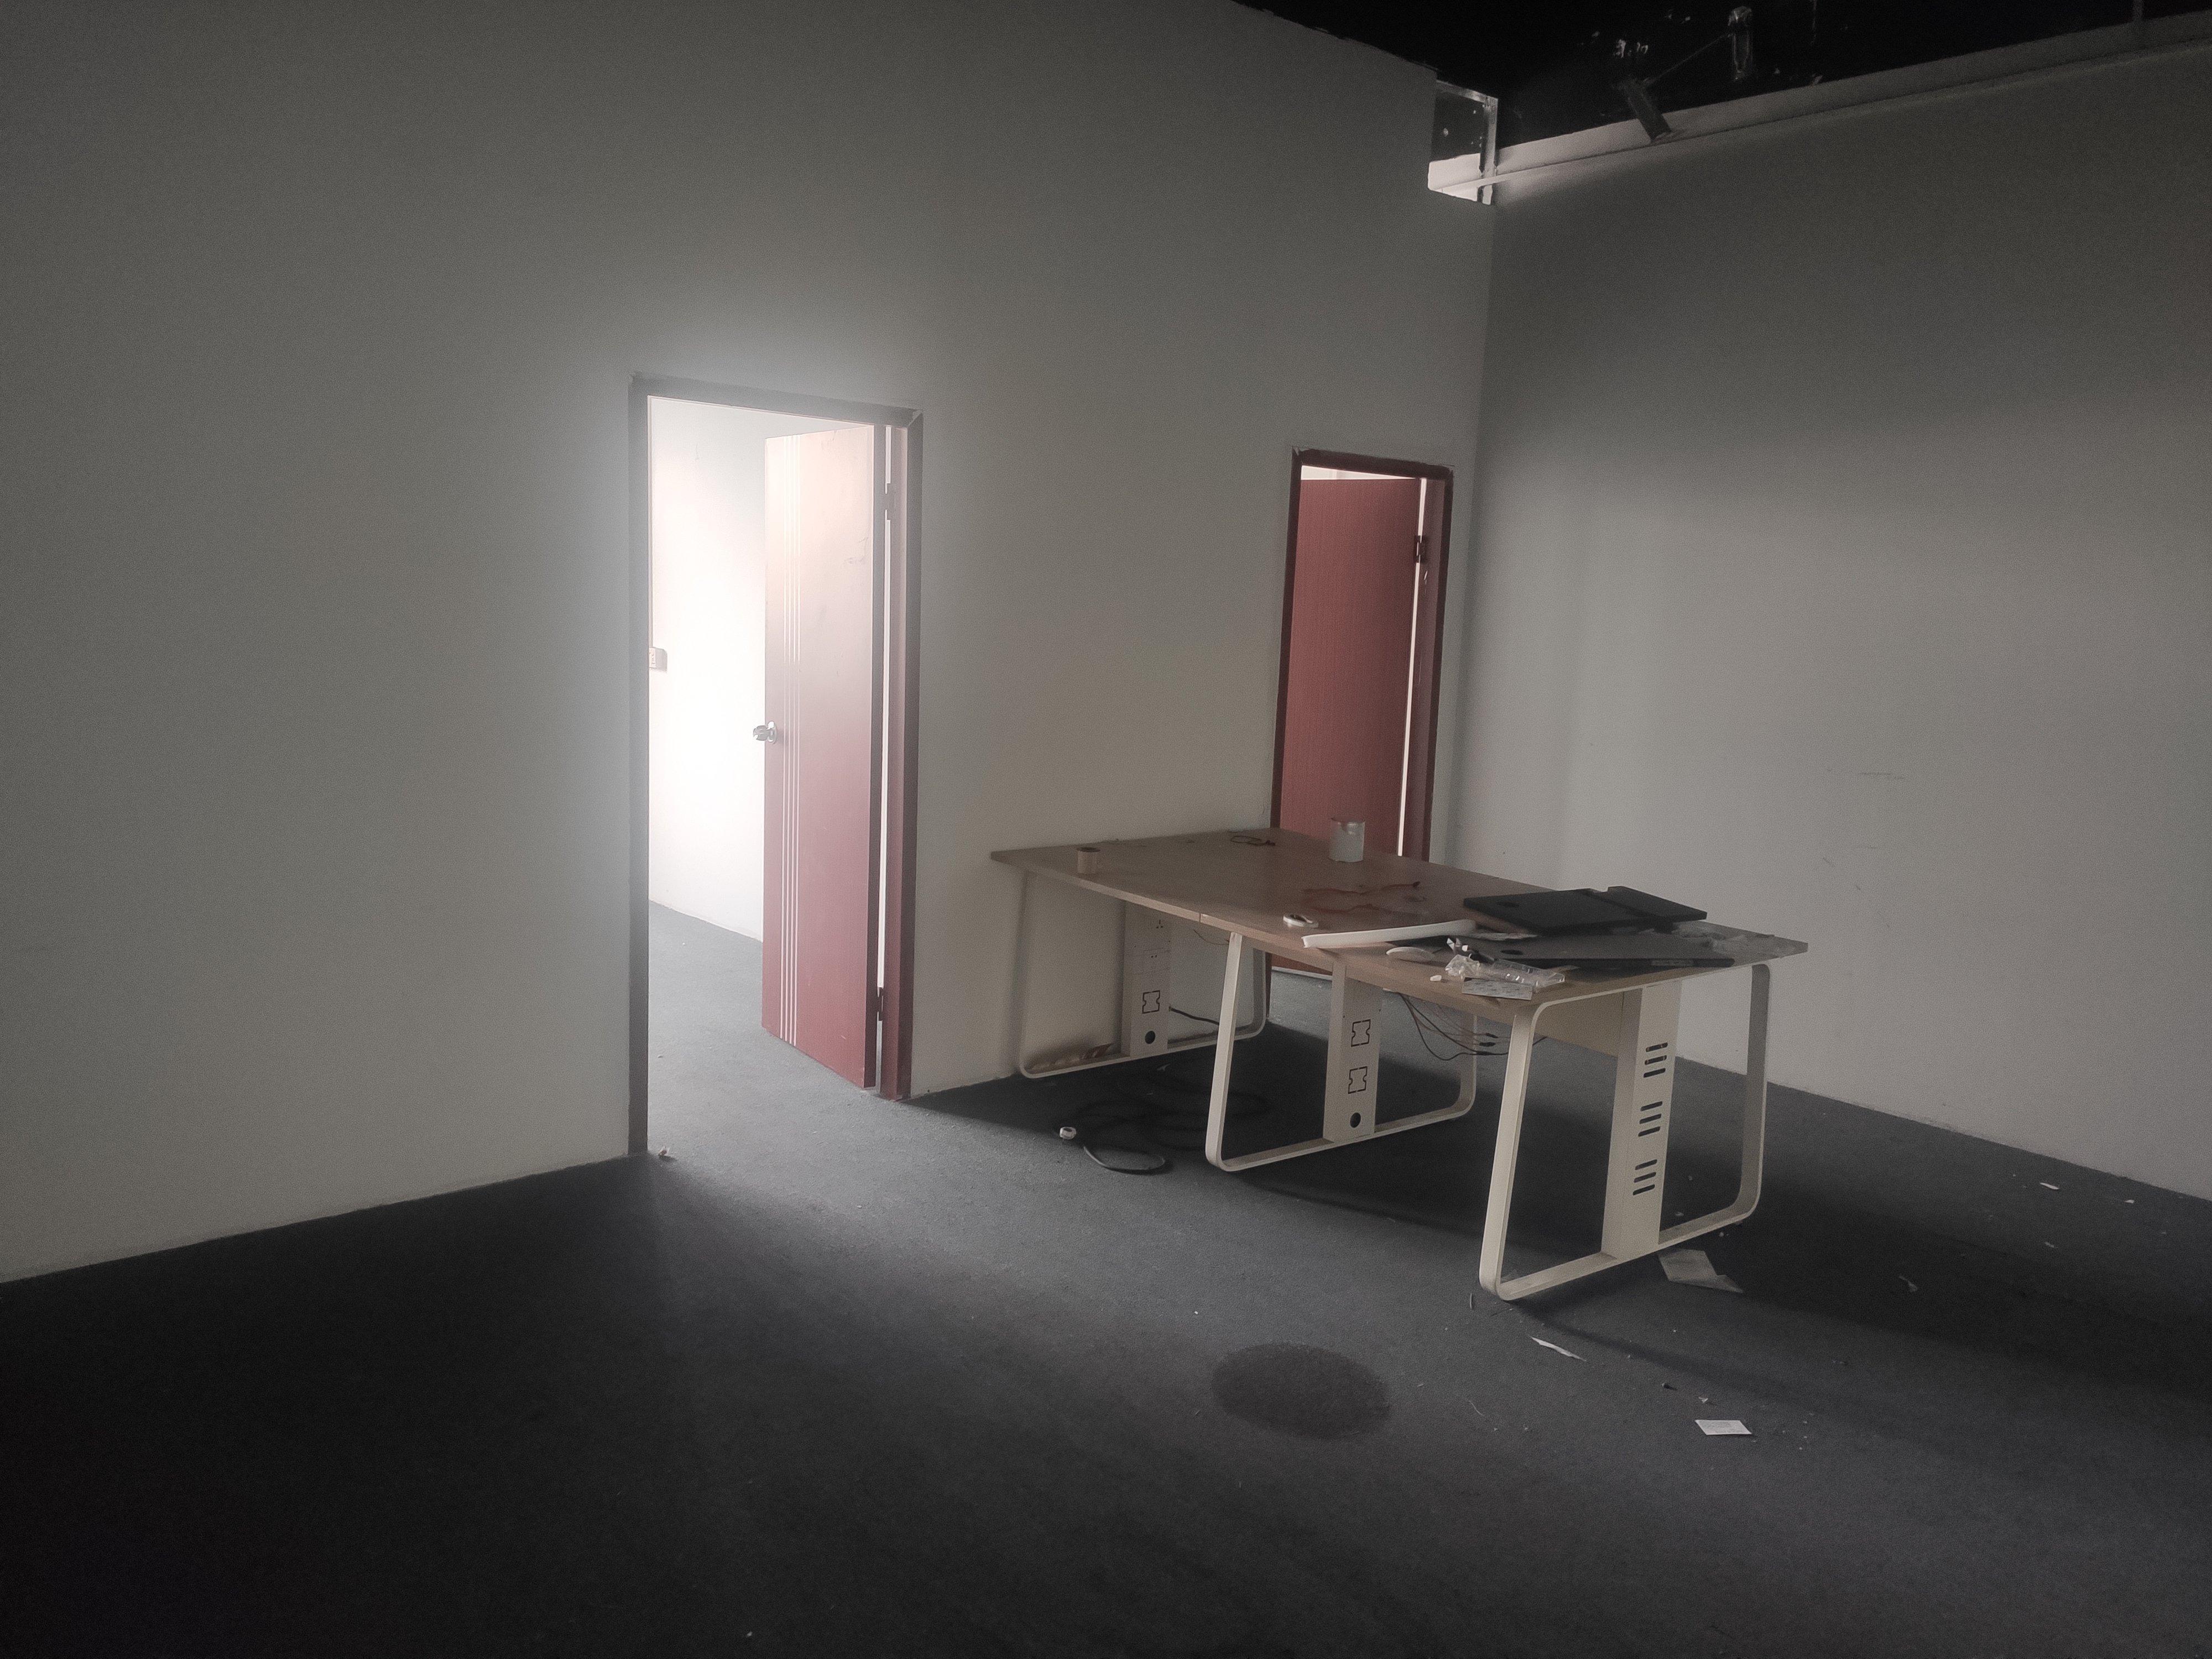 龙华龙城工业区小面积厂房出租,适合做办公仓库小加工